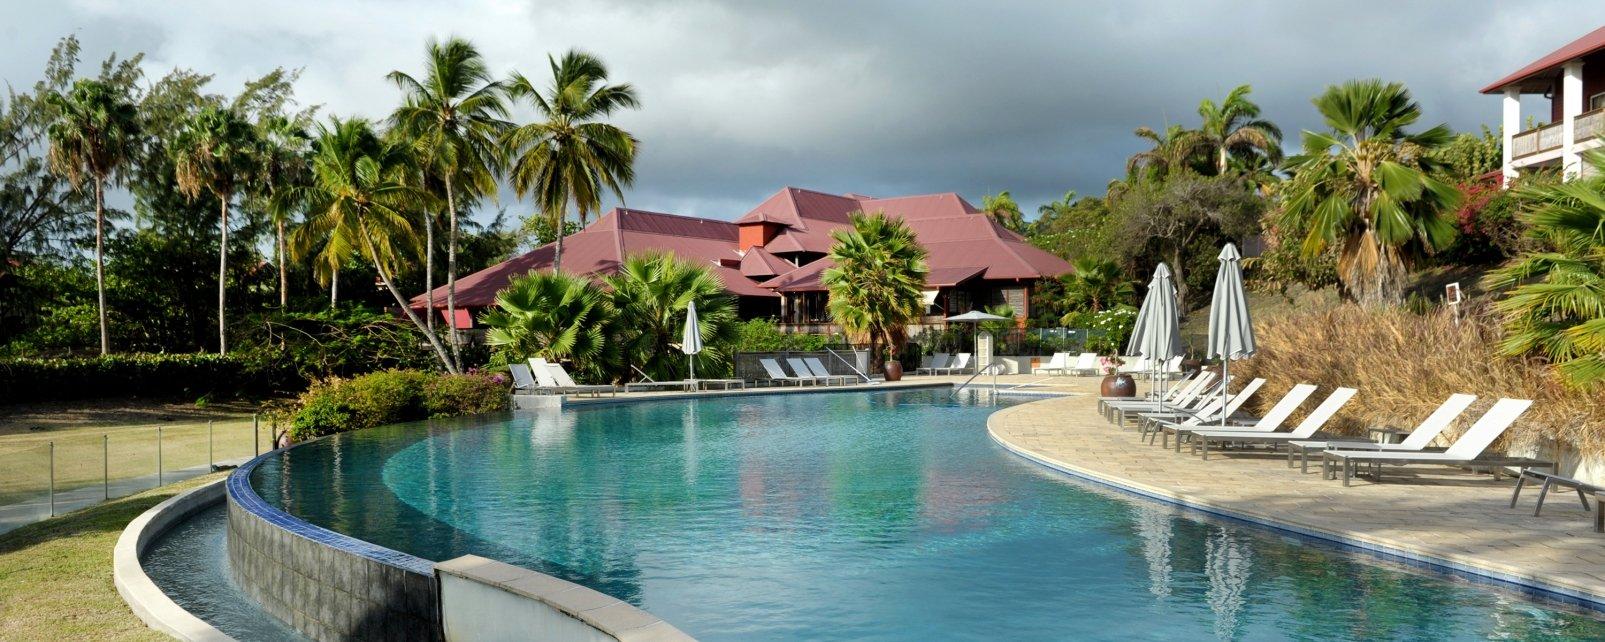 Hotel Cap Est Lagoon Resort & Spa